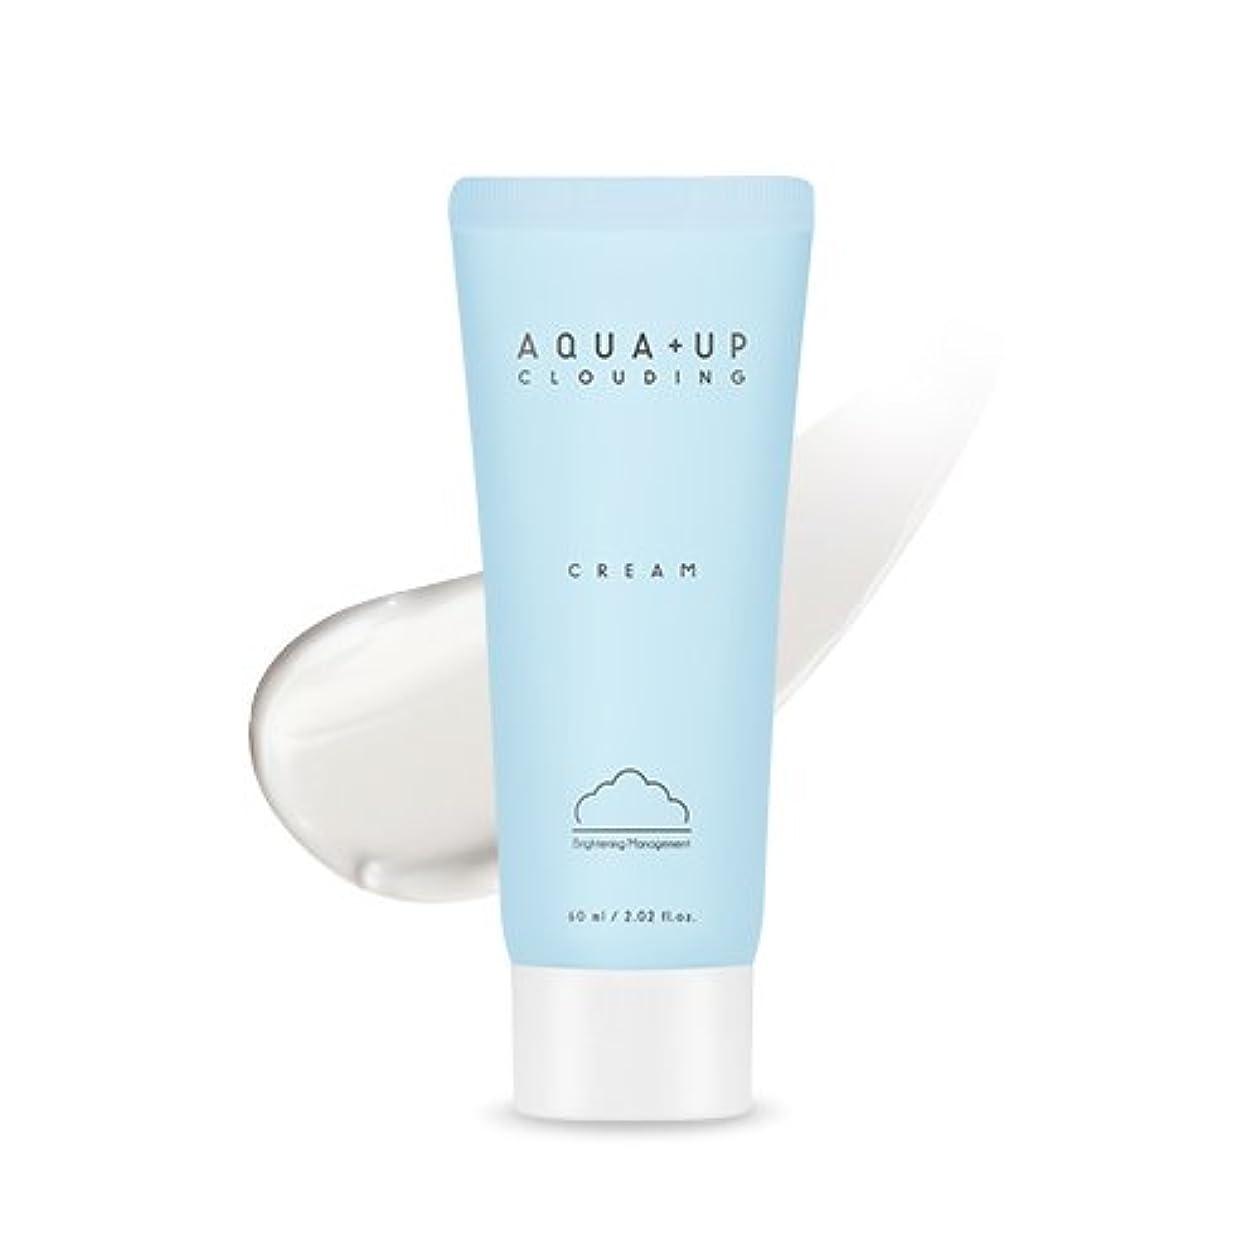 ロイヤリティ借りているブランド名APIEU (AQUA+UP) Clouding Cream/アピュアクアアップクラウドディングクリーム 60ml [並行輸入品]